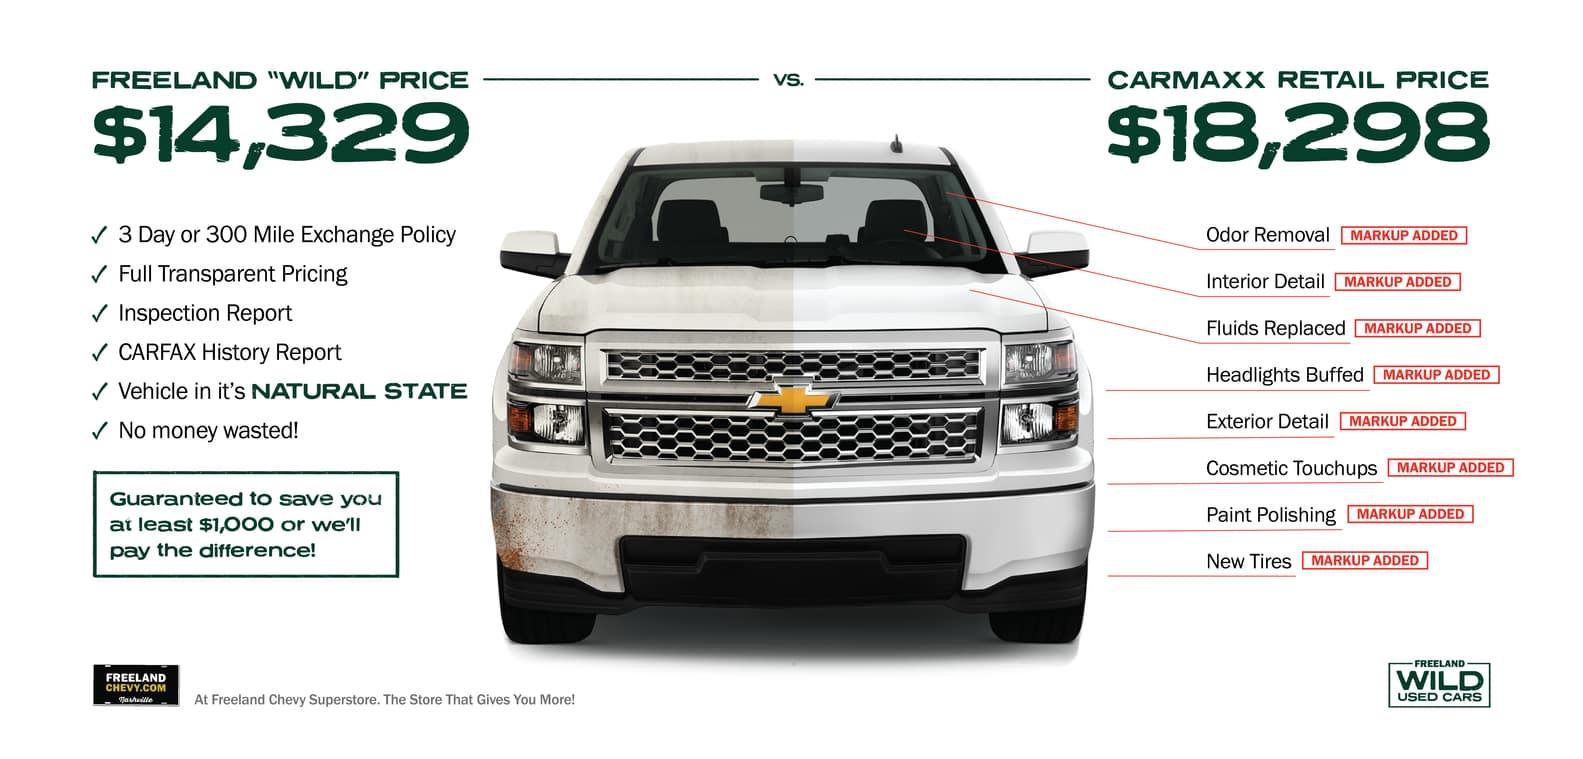 Freeland Wild Cars vs CarMax